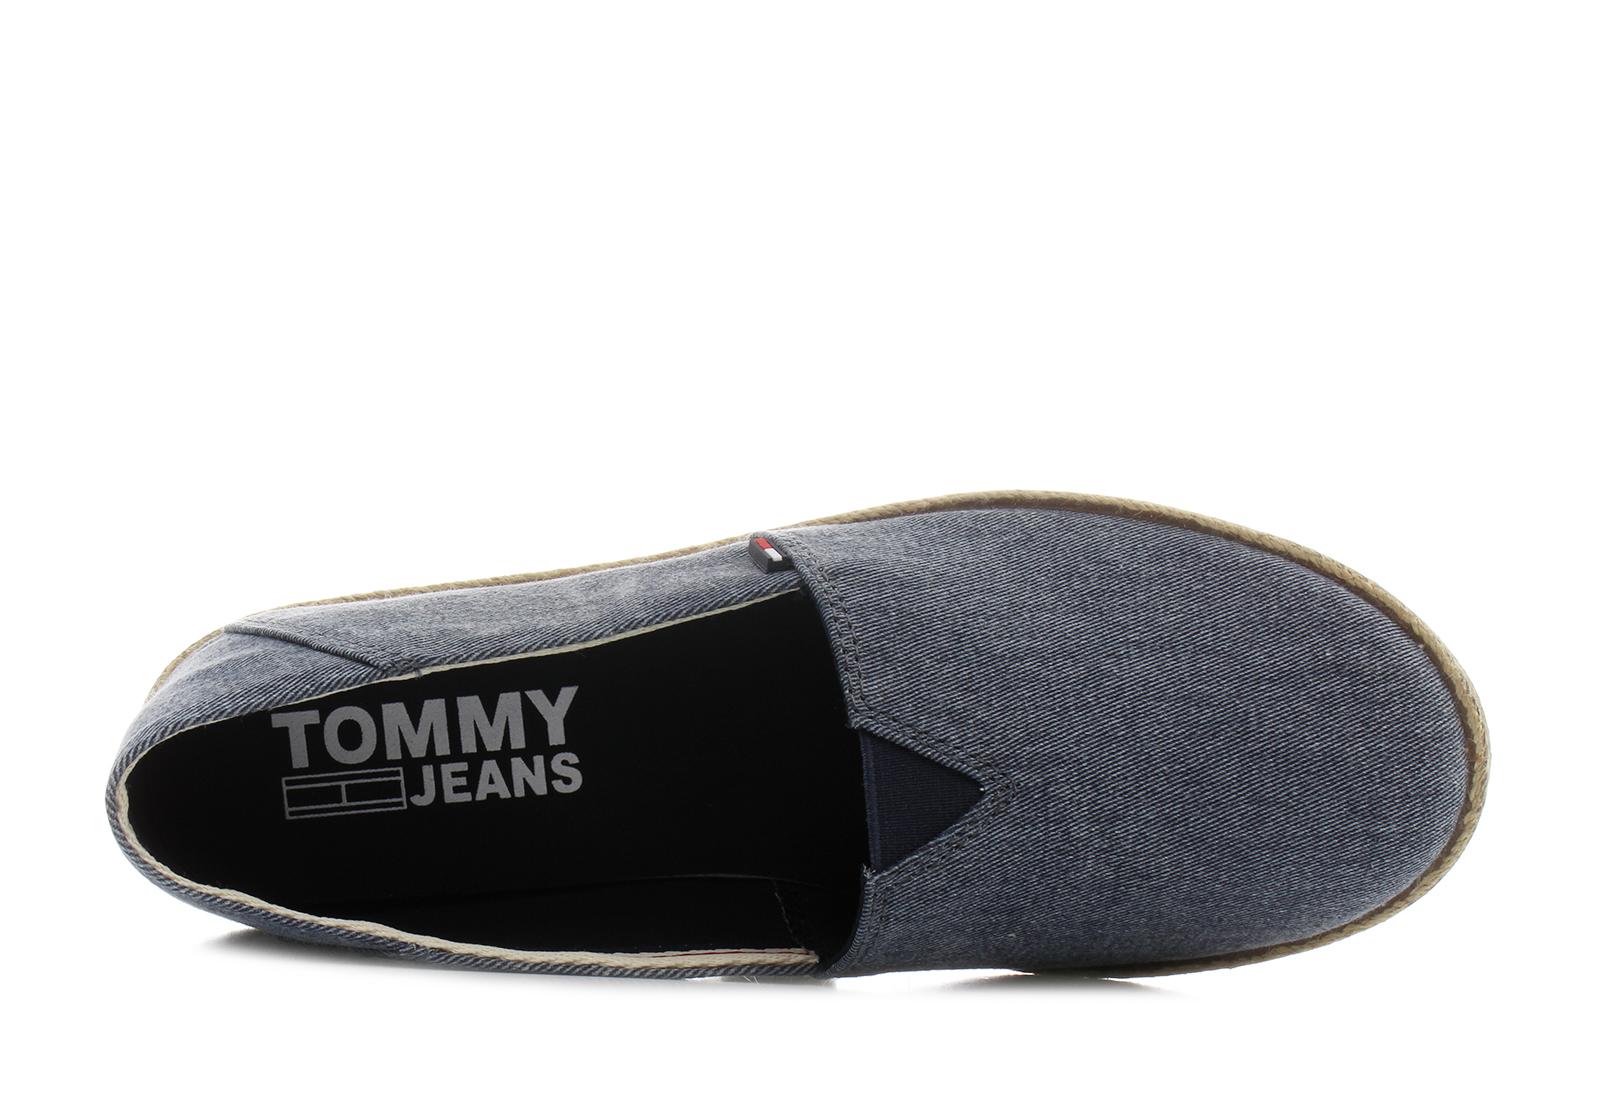 8989547a49 Tommy Hilfiger Topánky - Sonja 1 - 18S-0200-403 - Tenisky